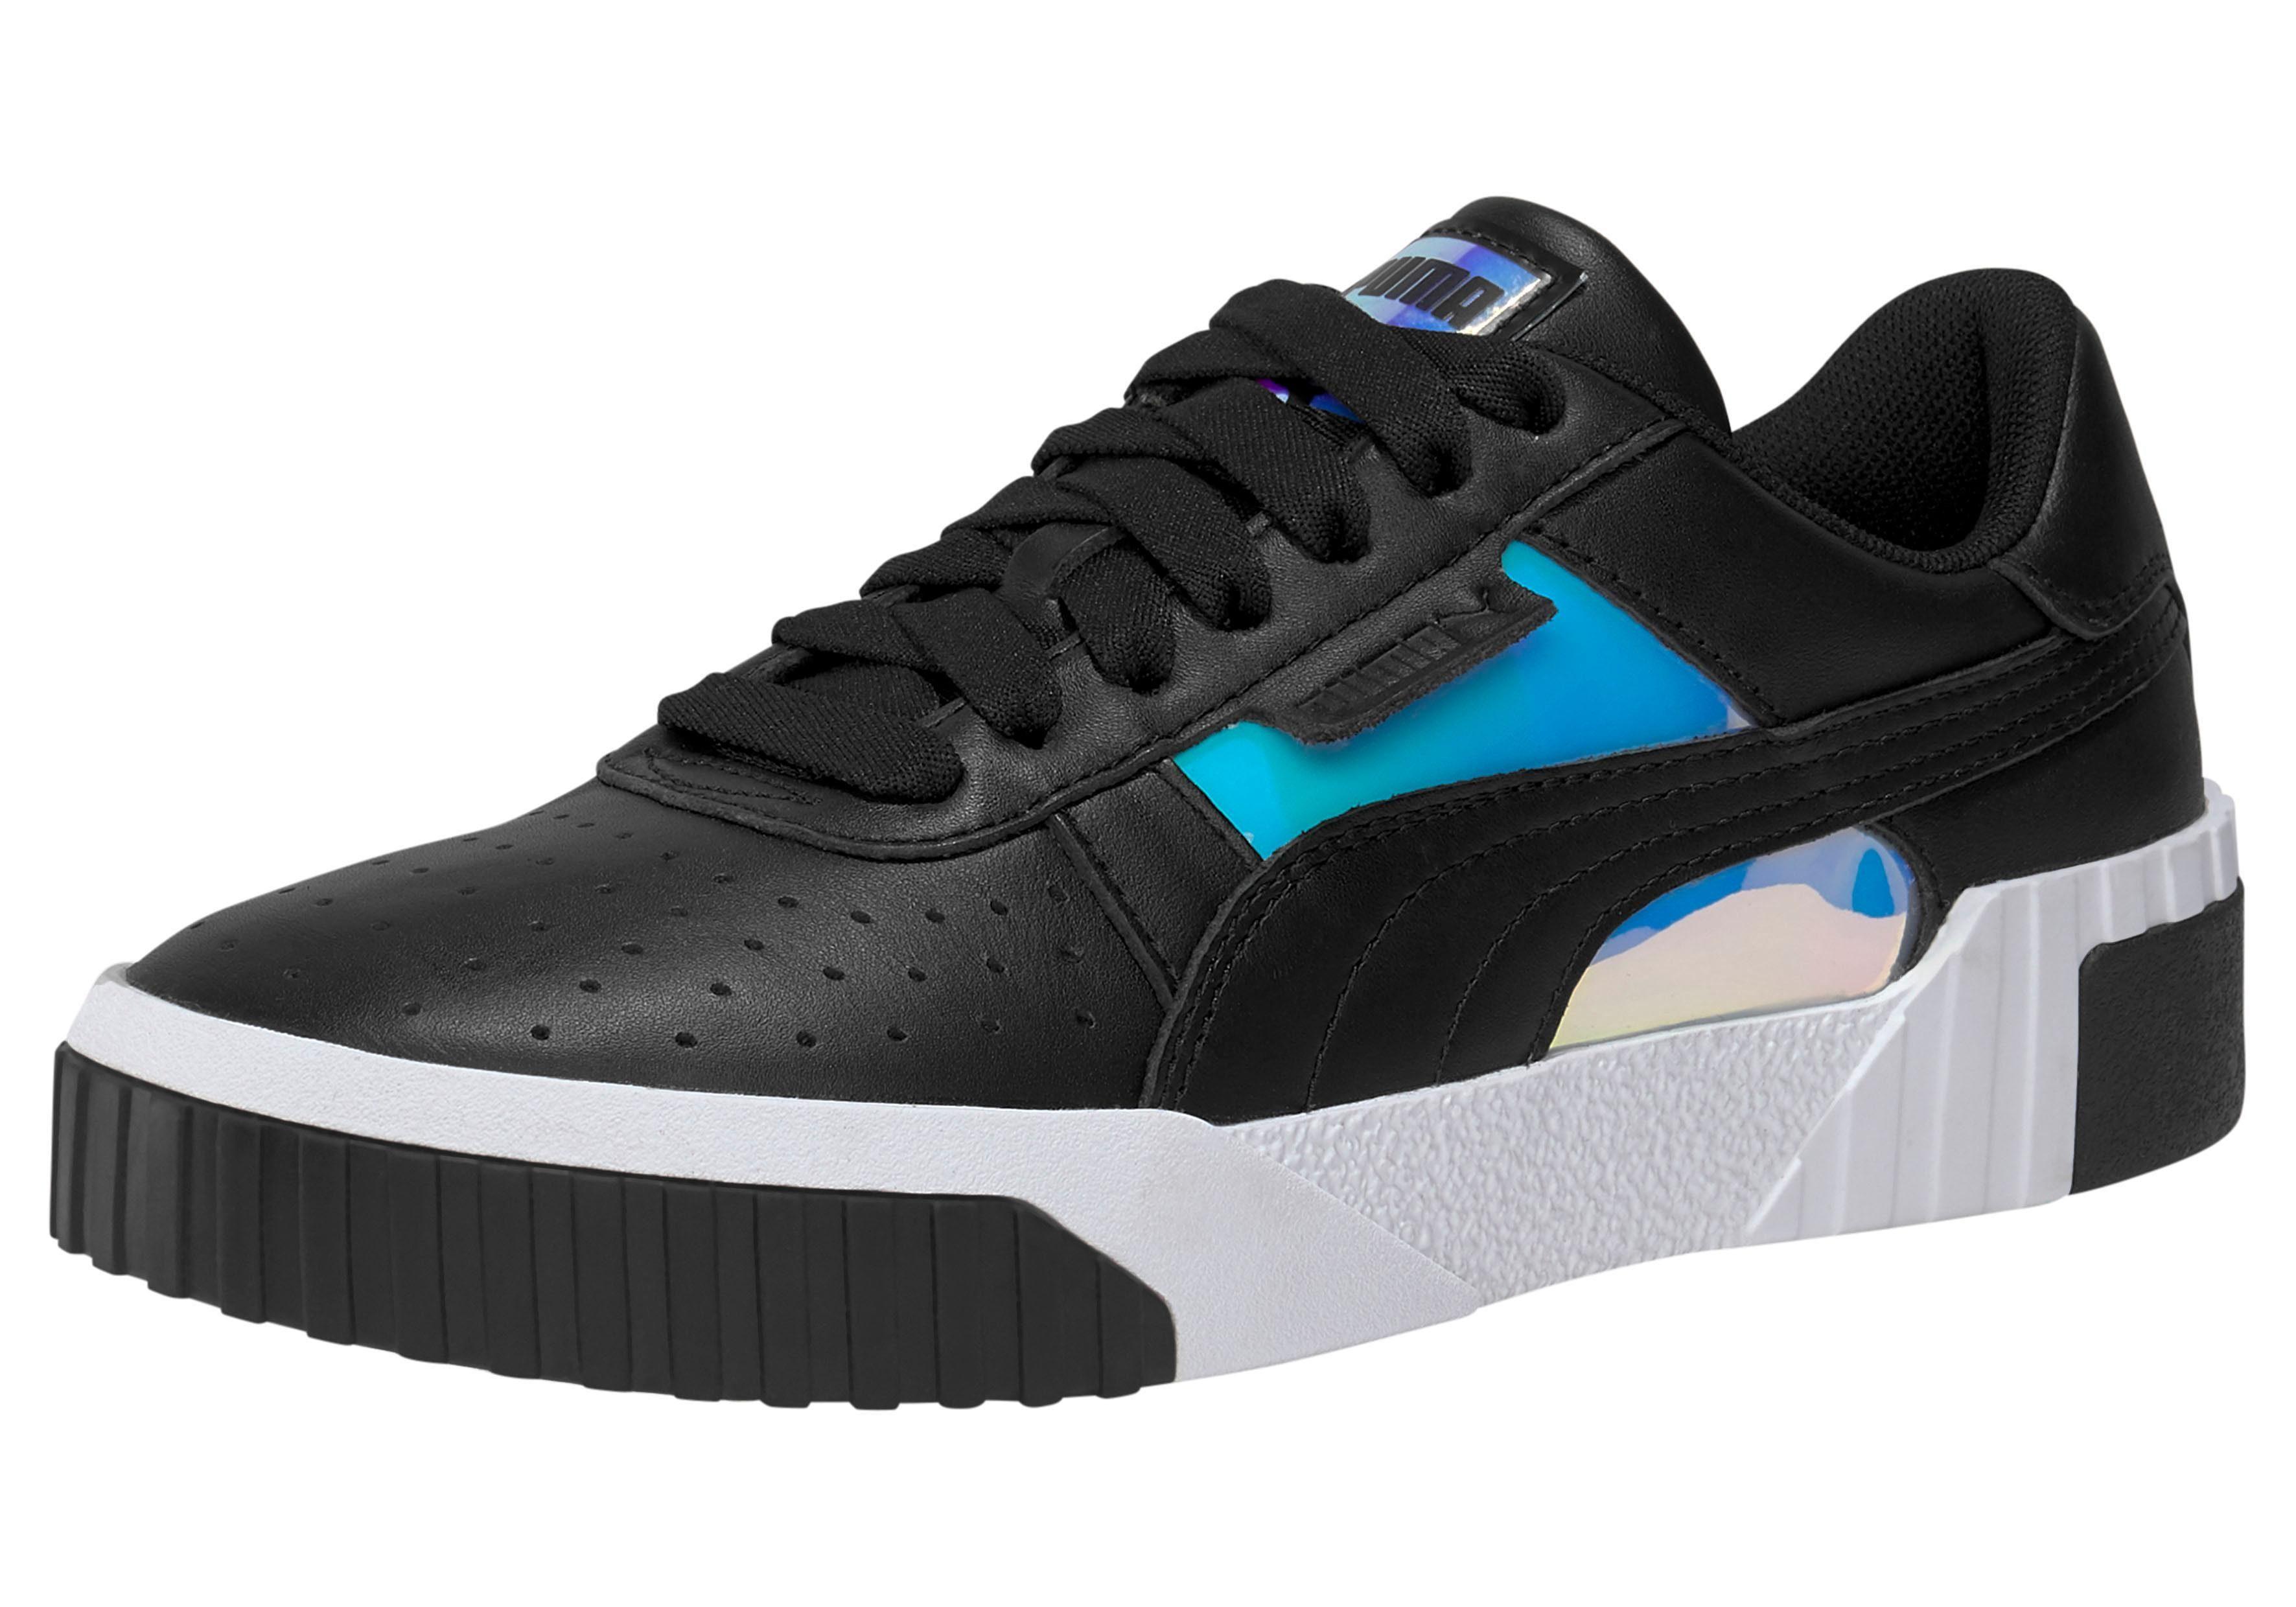 PUMA »Cali Shine Wn's« Sneaker, Stylischer Sneaker von PUMA online kaufen   OTTO